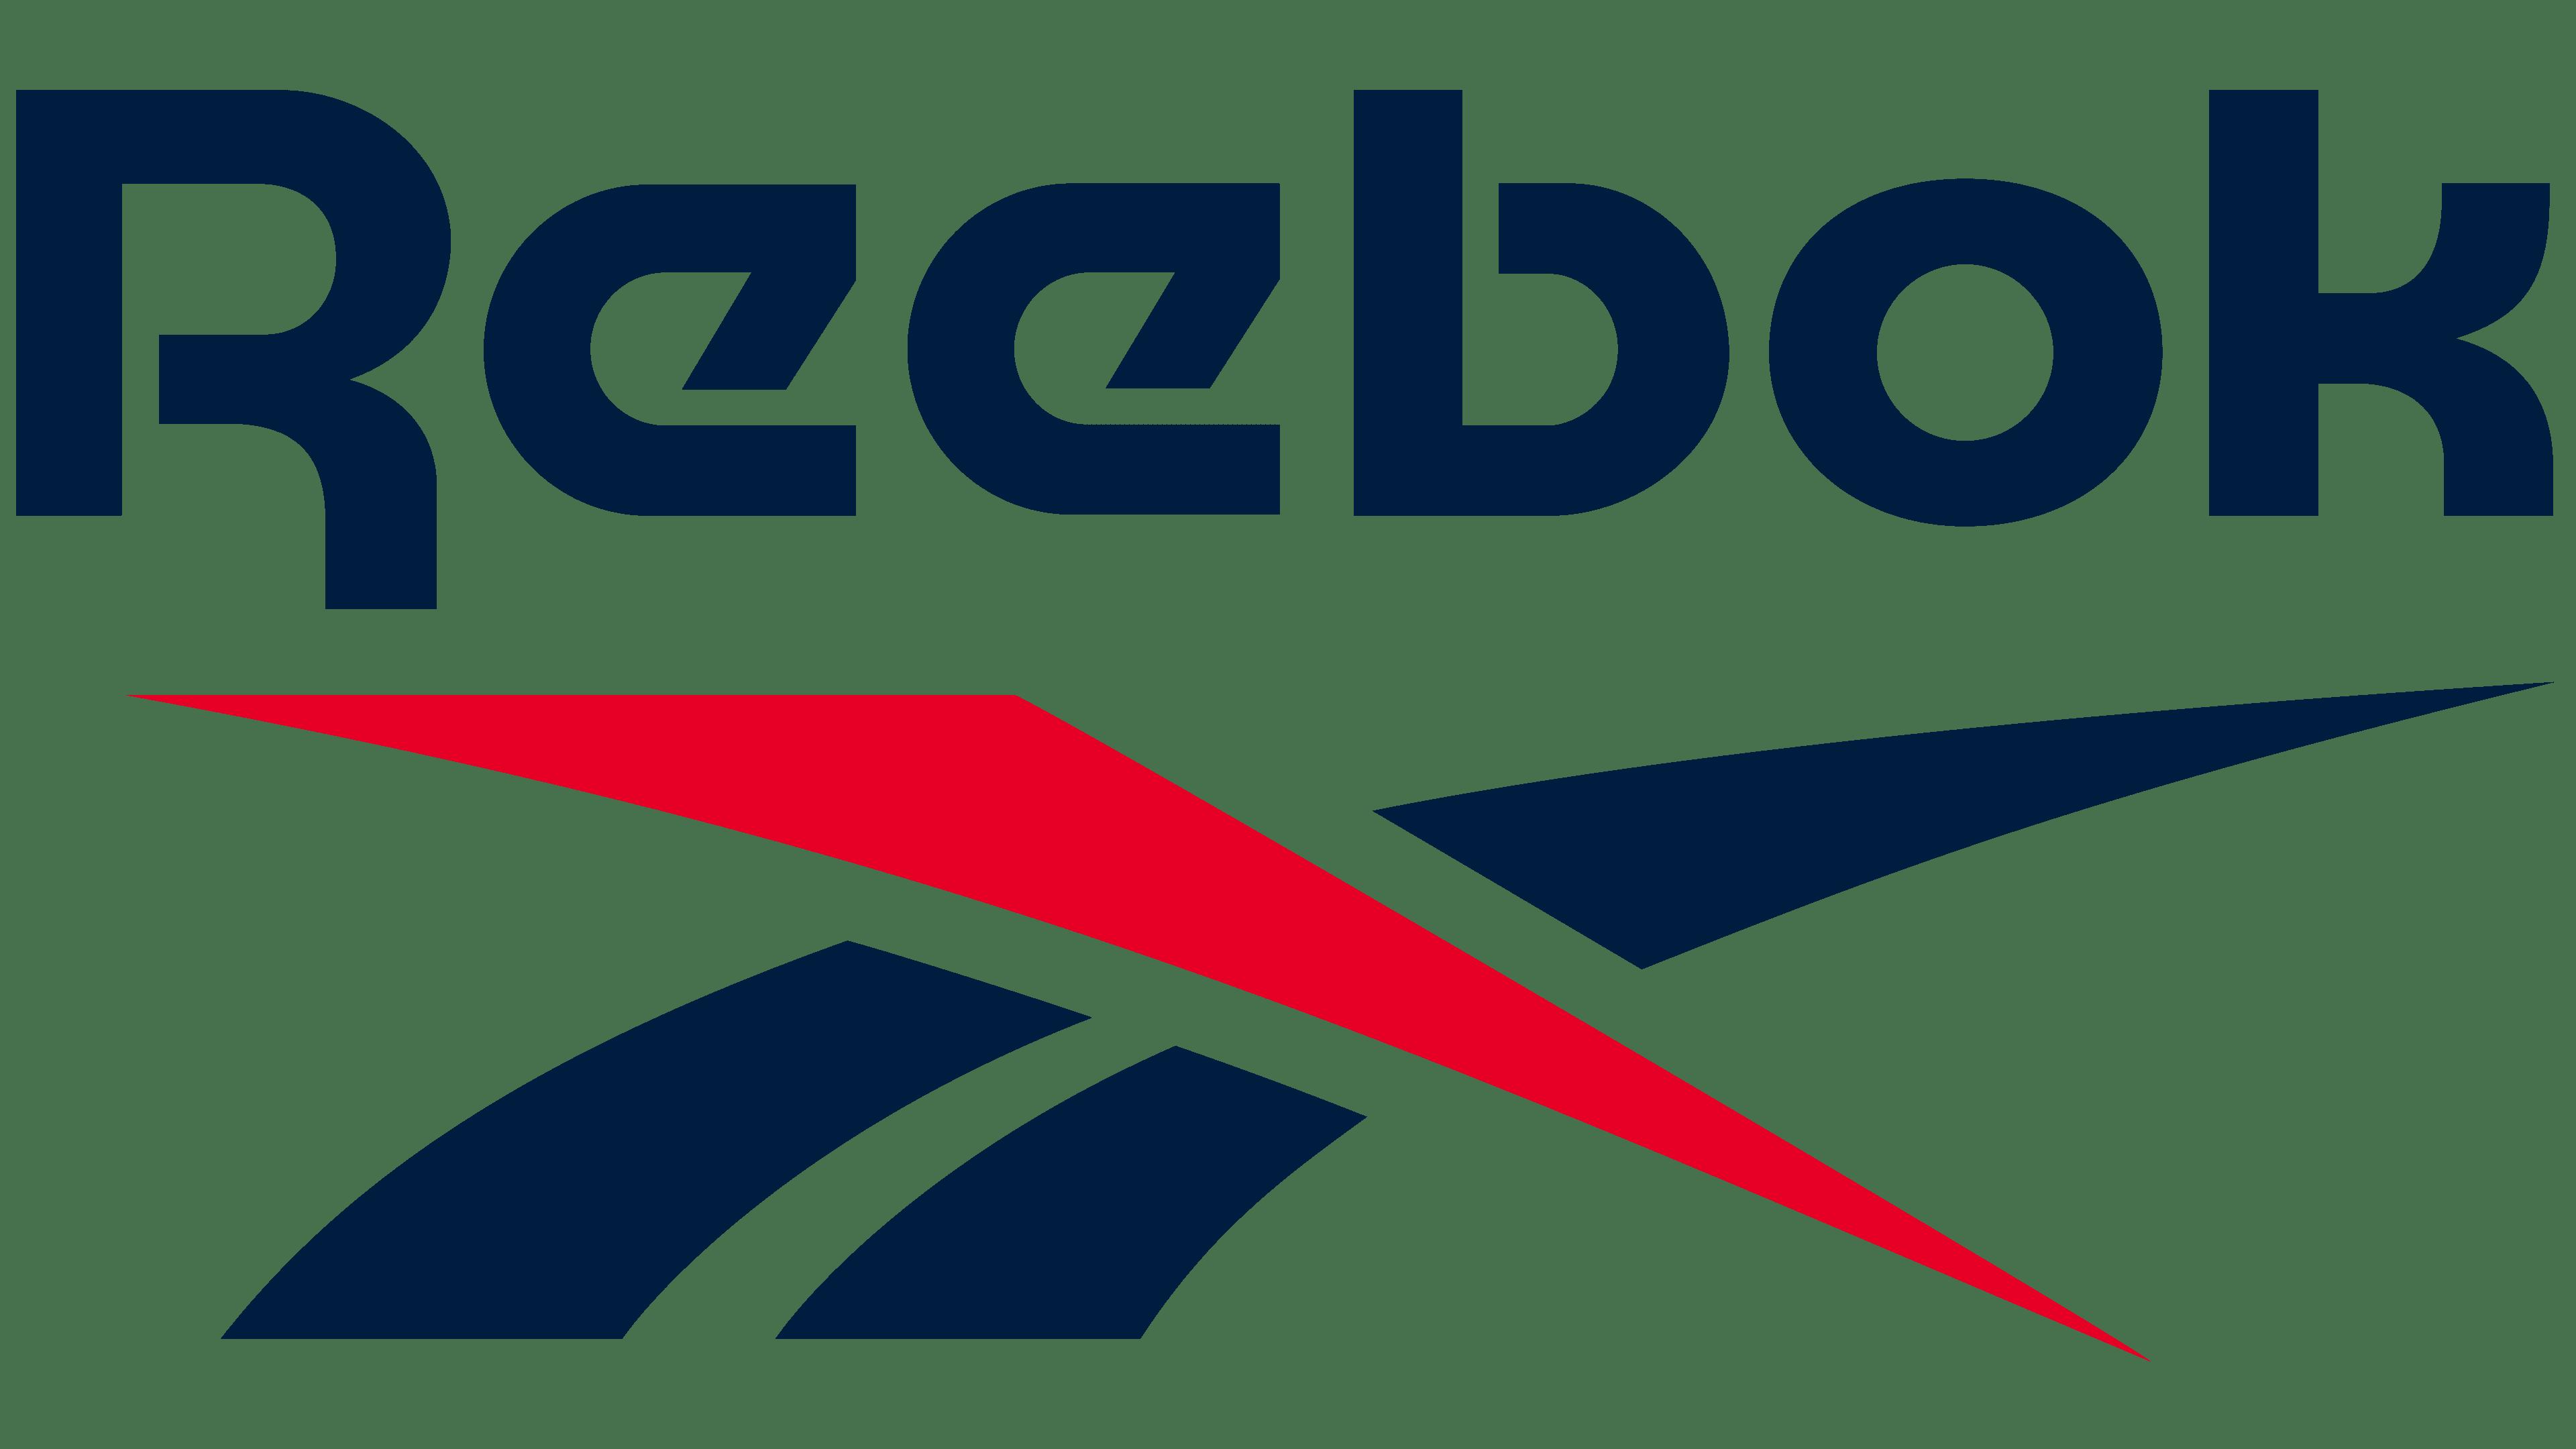 Reebok Emblem